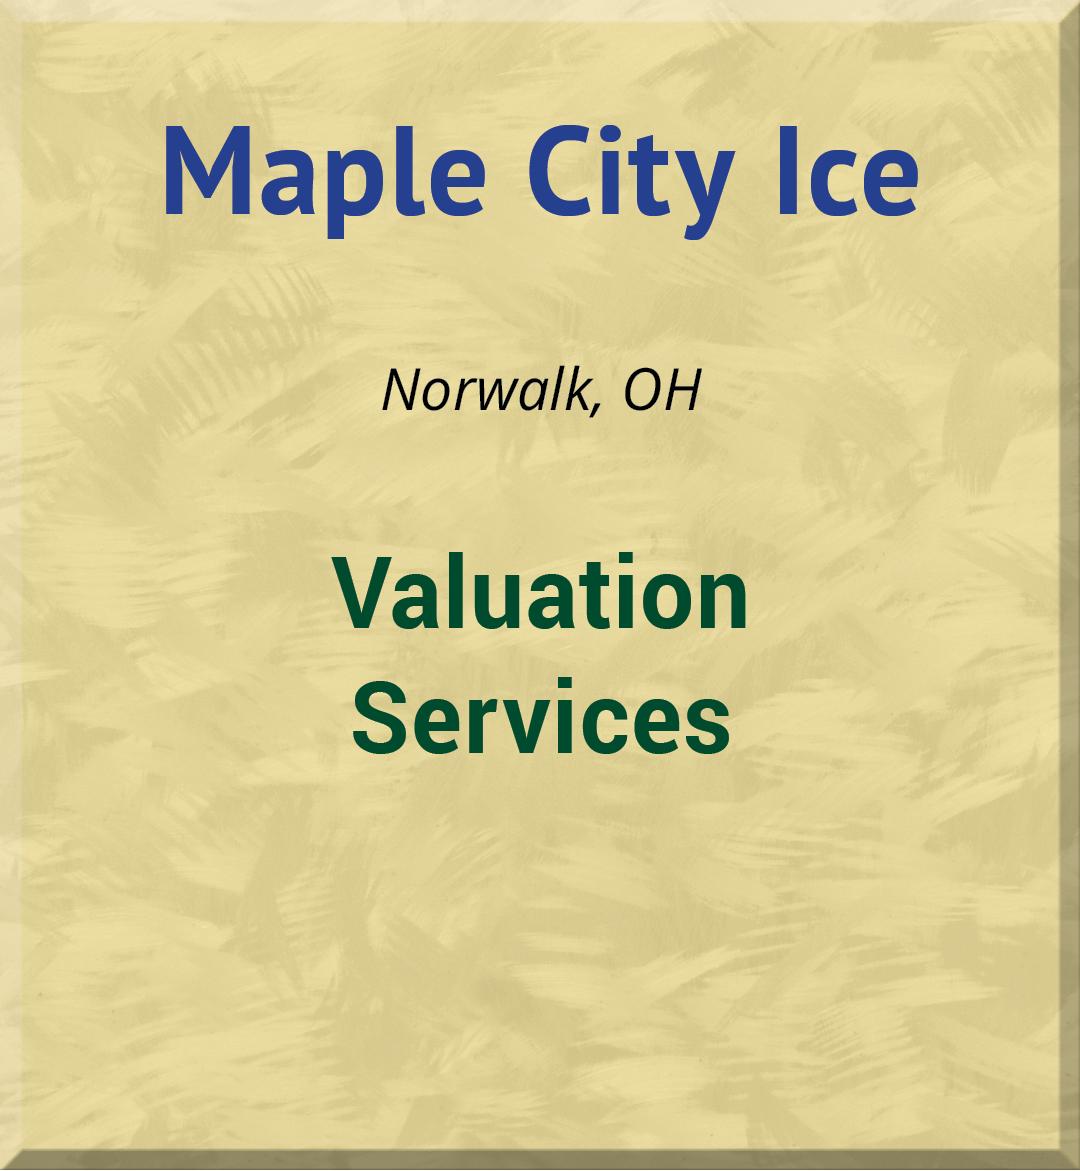 Maple City Ice